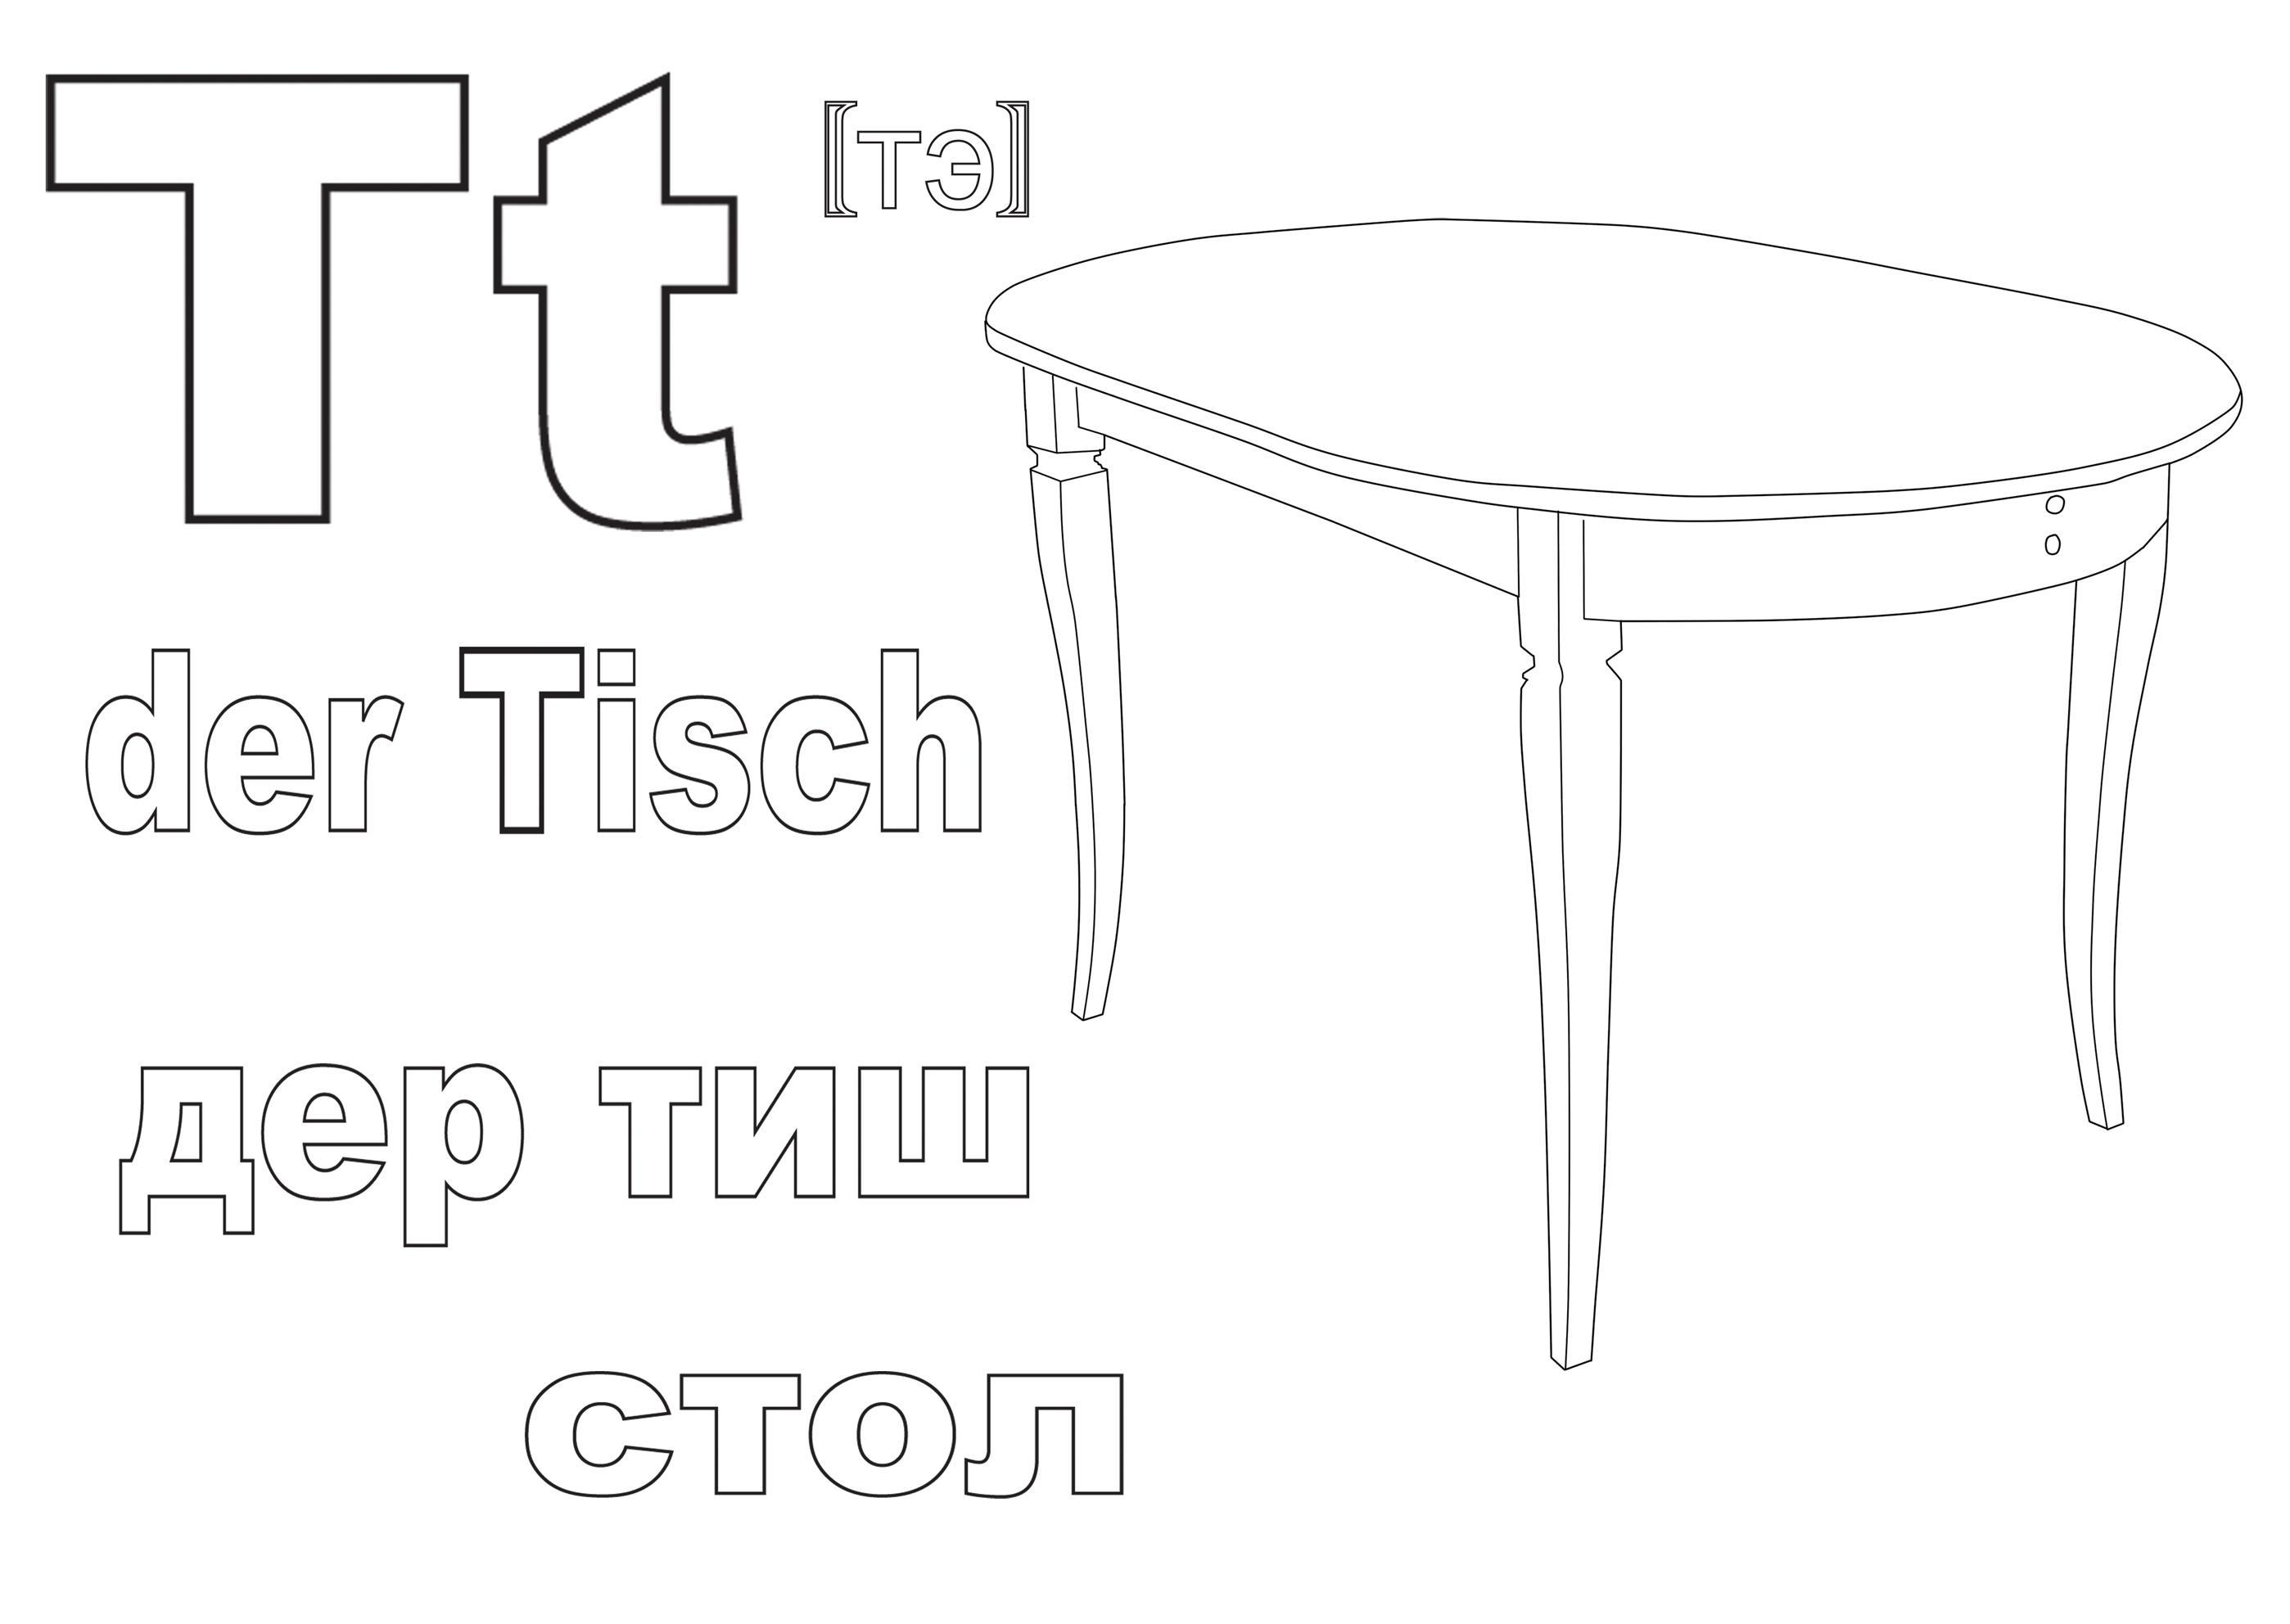 Немецкий язык в раскрасках, стол, дер тиш